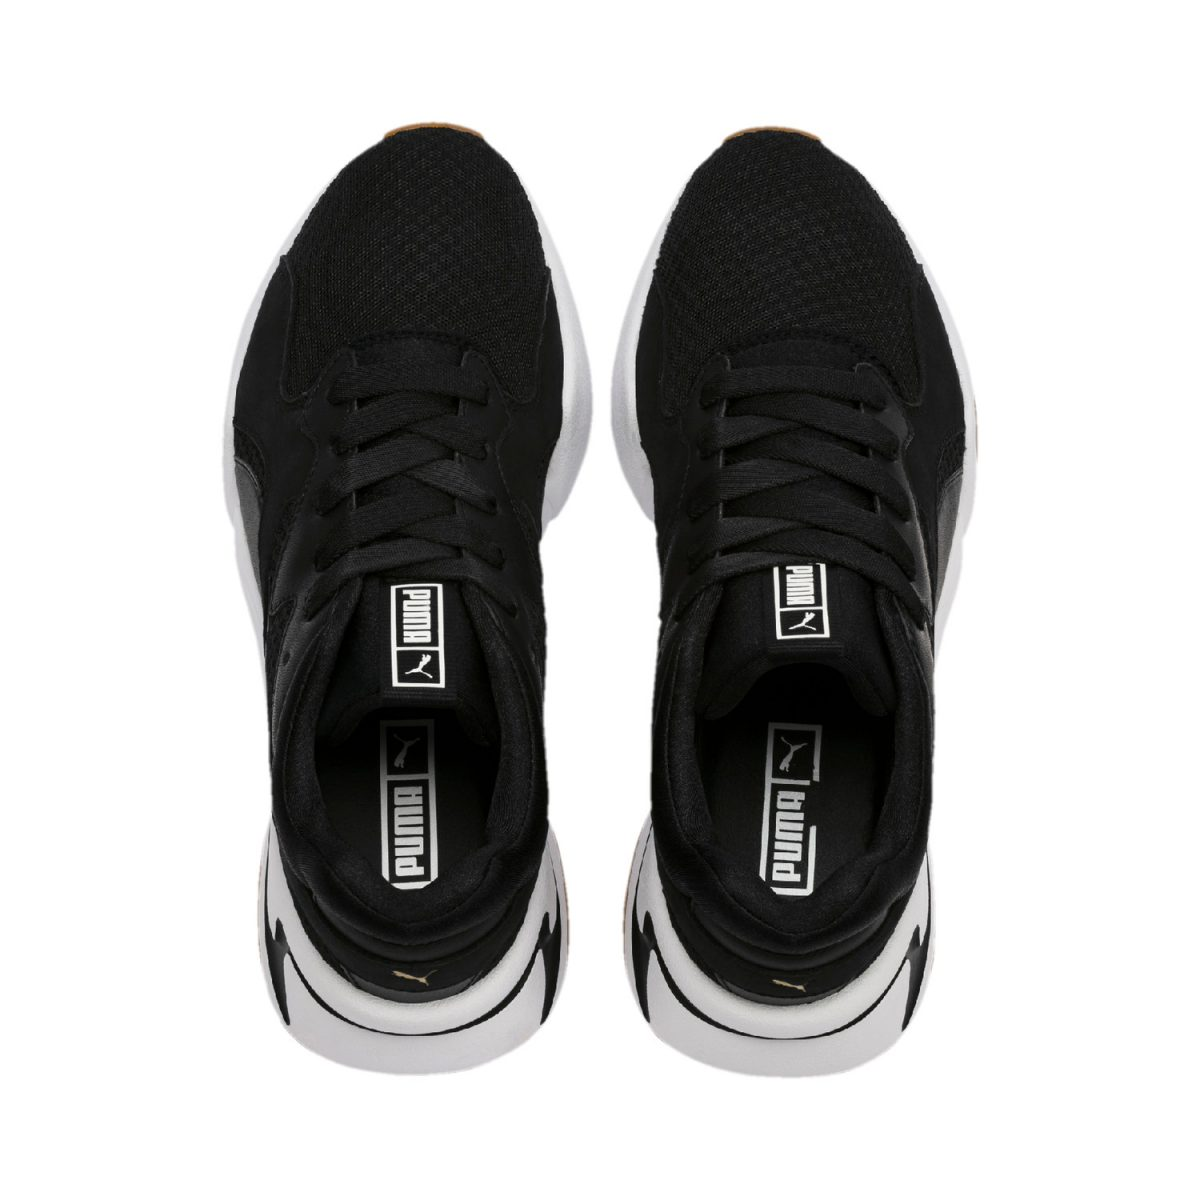 puma nova sneaker no brasil 09 - NOVA: O tênis da PUMA para mulheres com atitude